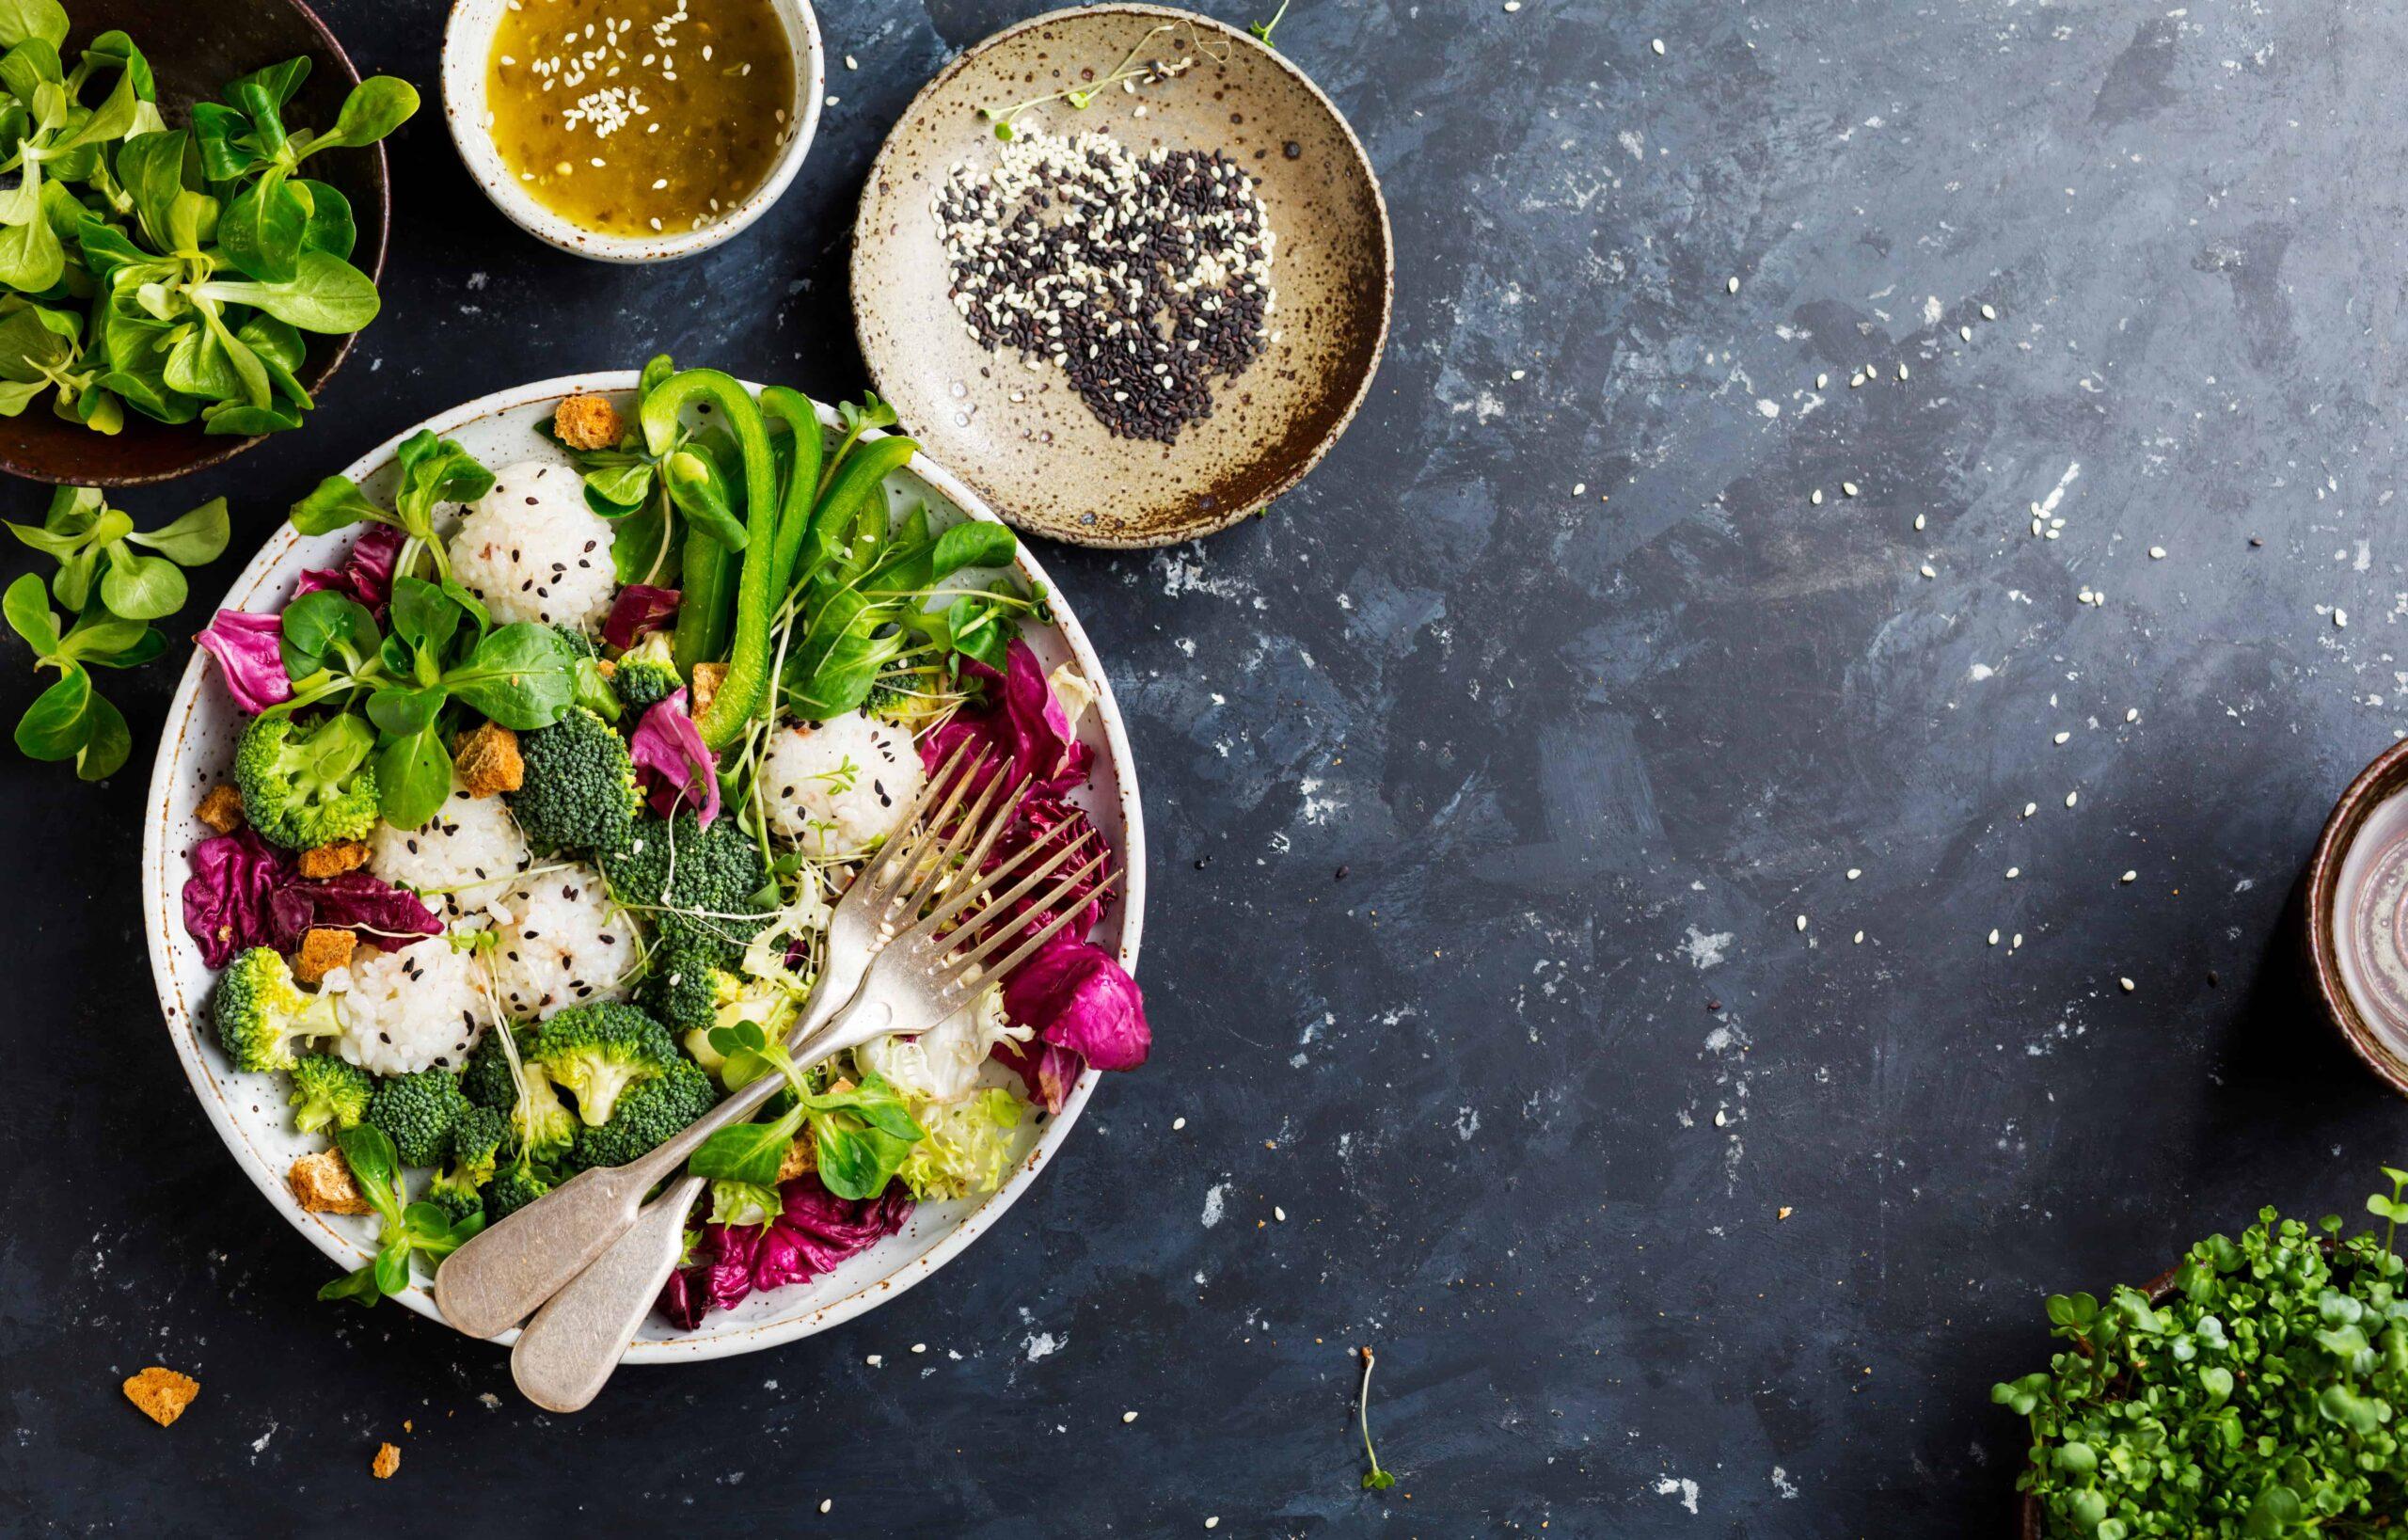 Vegan Food in Iceland